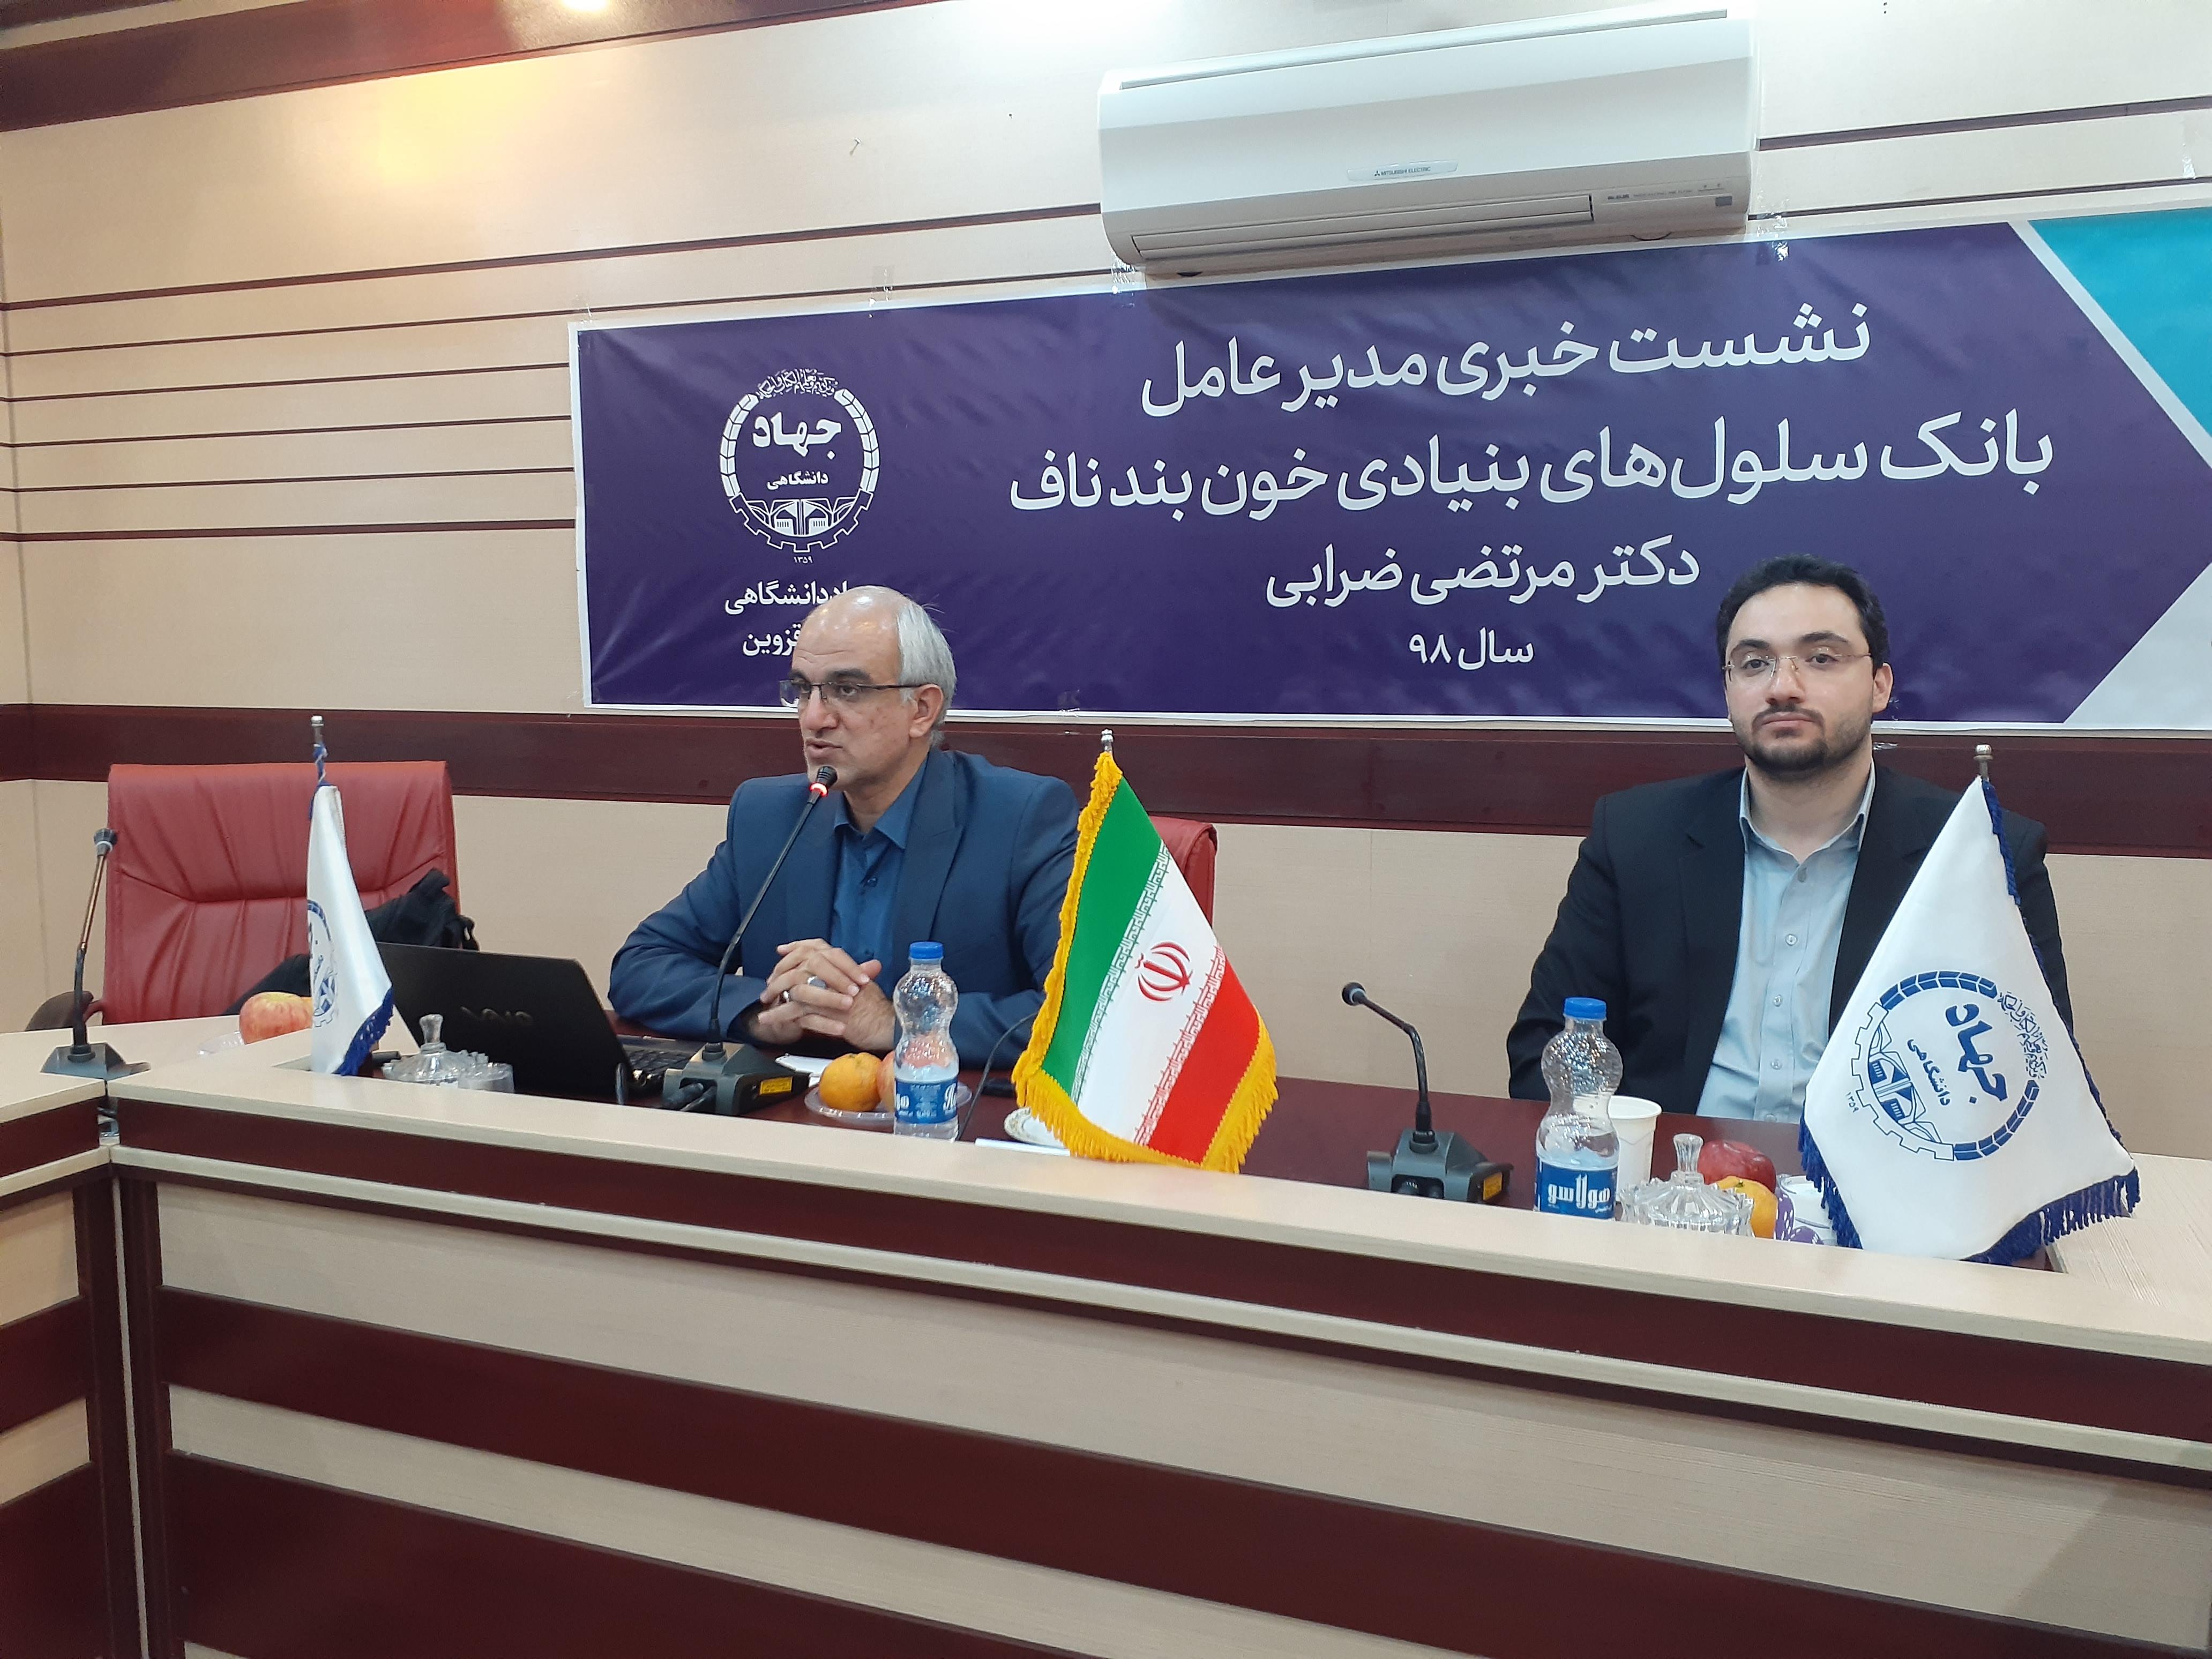 ایران جزو ۱۰ کشور اول دنیا در ذخیره سازی خون بند ناف/  ذخیره بیش از ۱۲۰ هزار نمونه